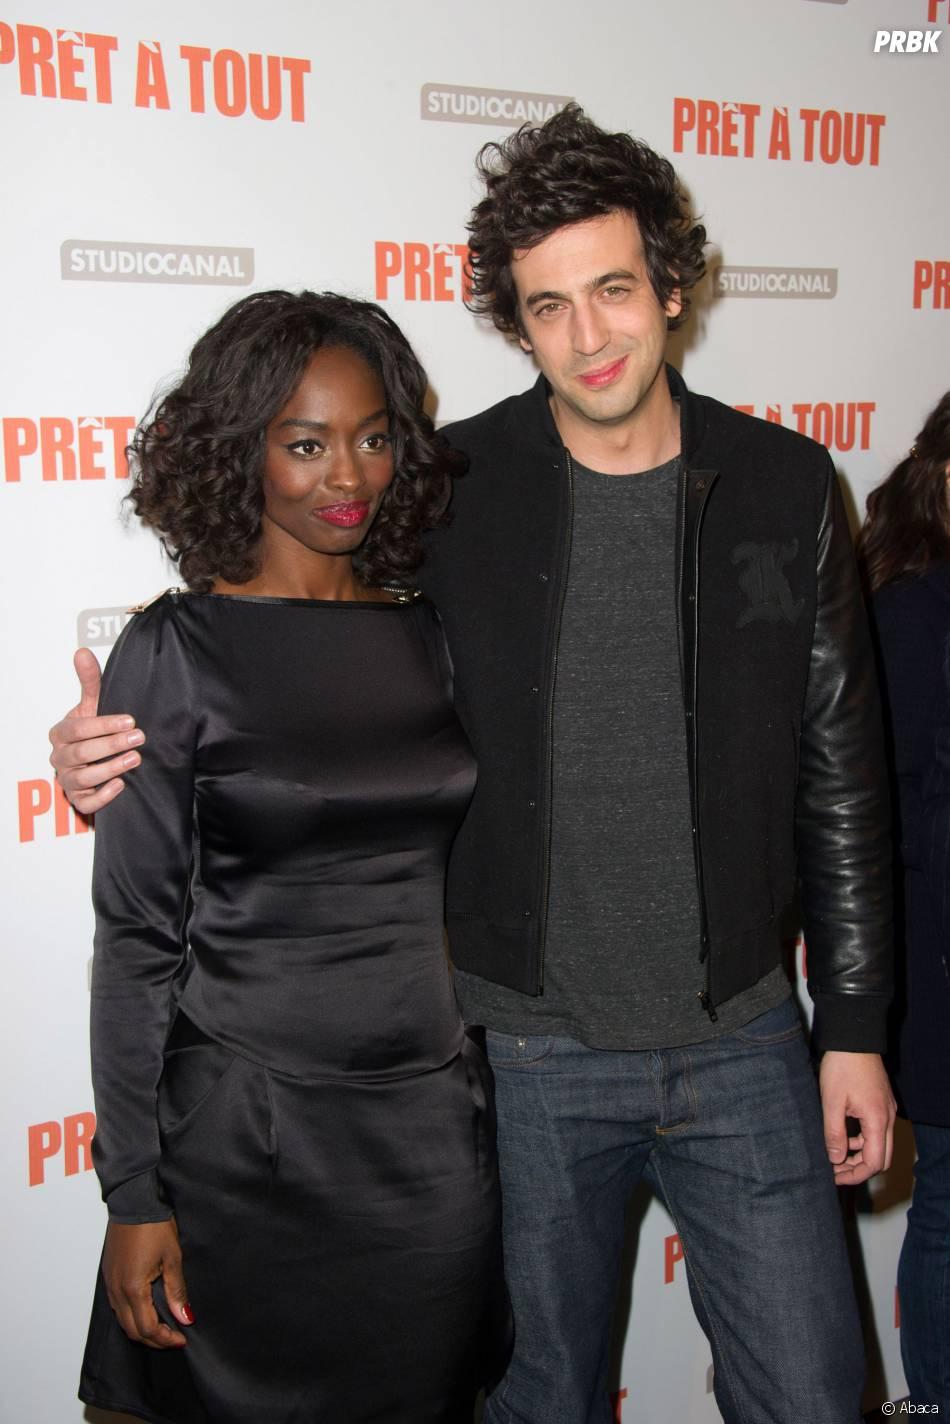 Max Boublil et Aïssa Maïga à l'avant-première de Prêt à tout, le 13 janvier 2014 à Paris